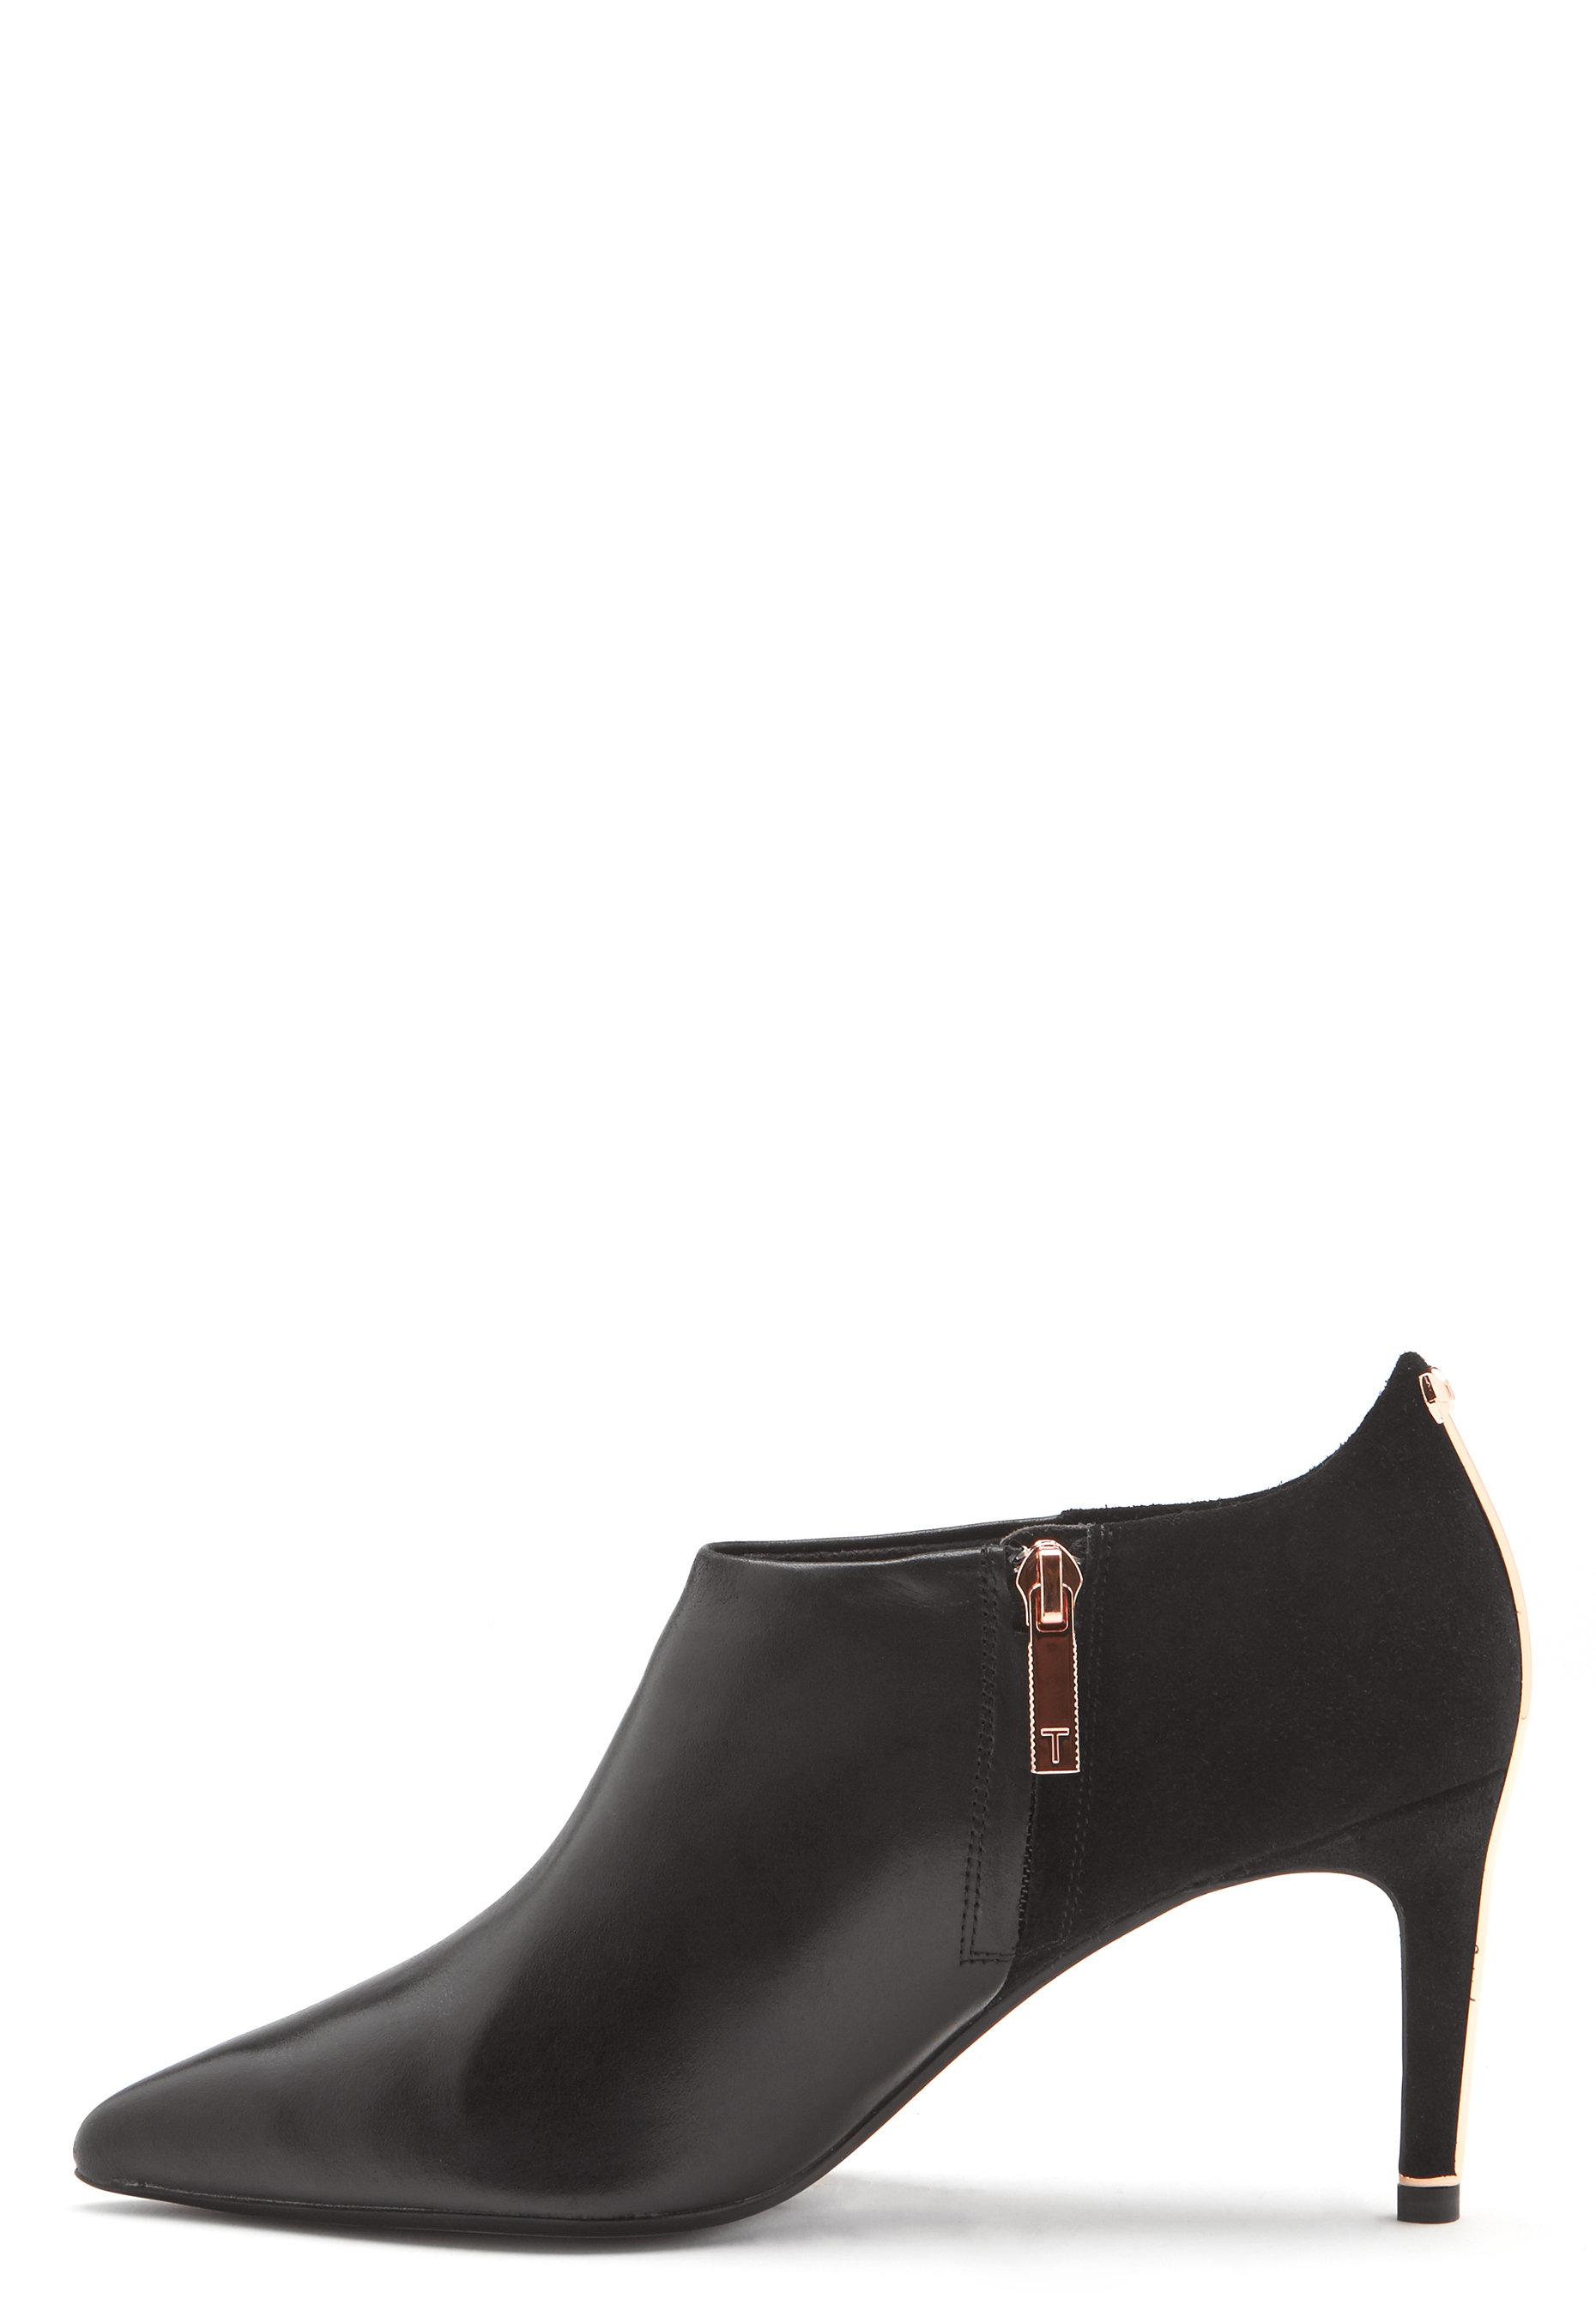 08041ecbcd18 Ted Baker Akasha Shoes Black - Bubbleroom